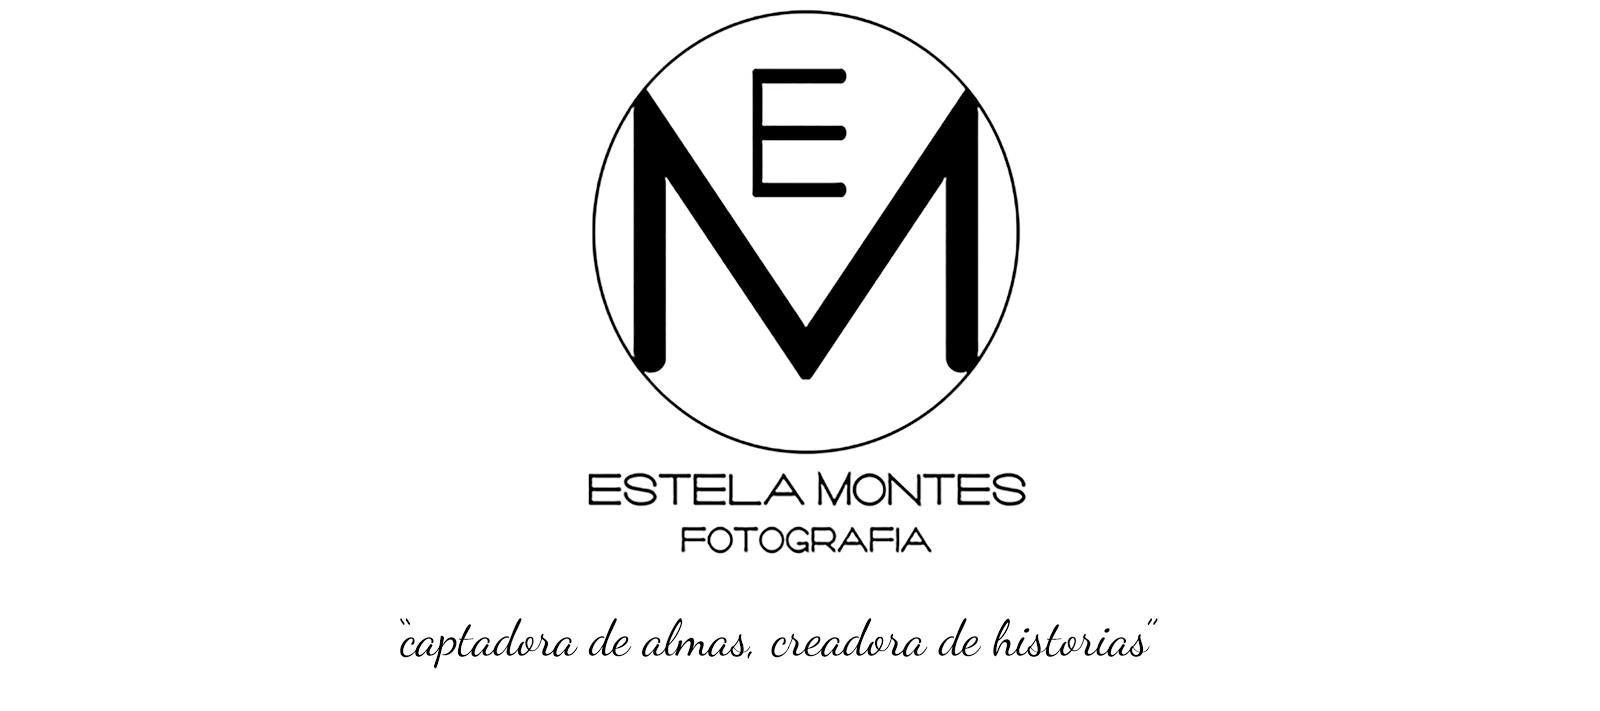 Estela Montes Fotografía